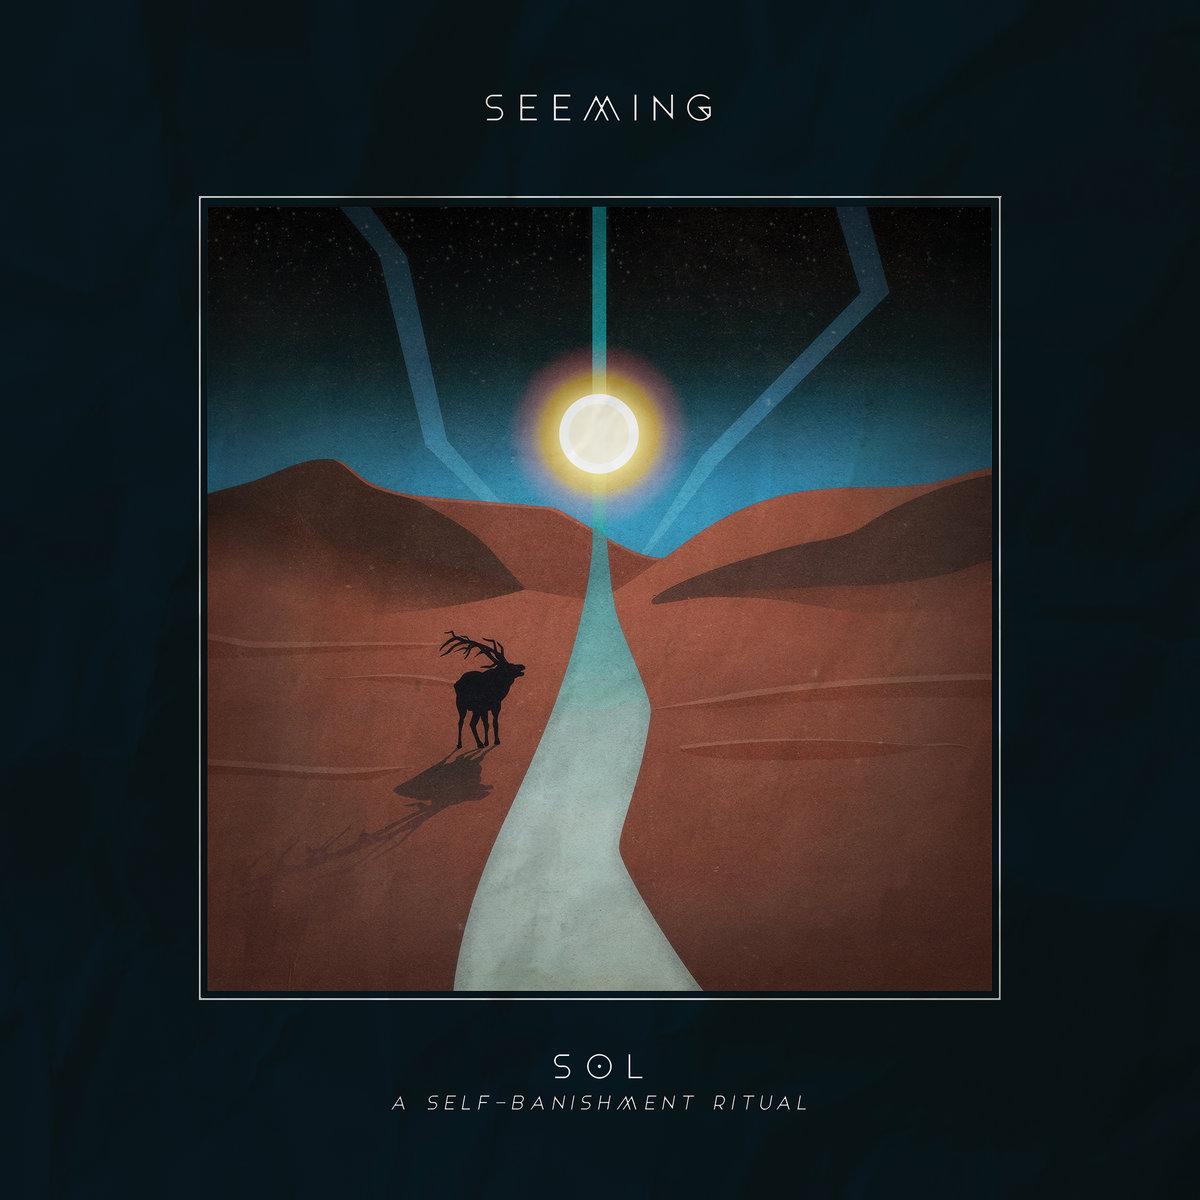 SOL: A Self-Banishment...